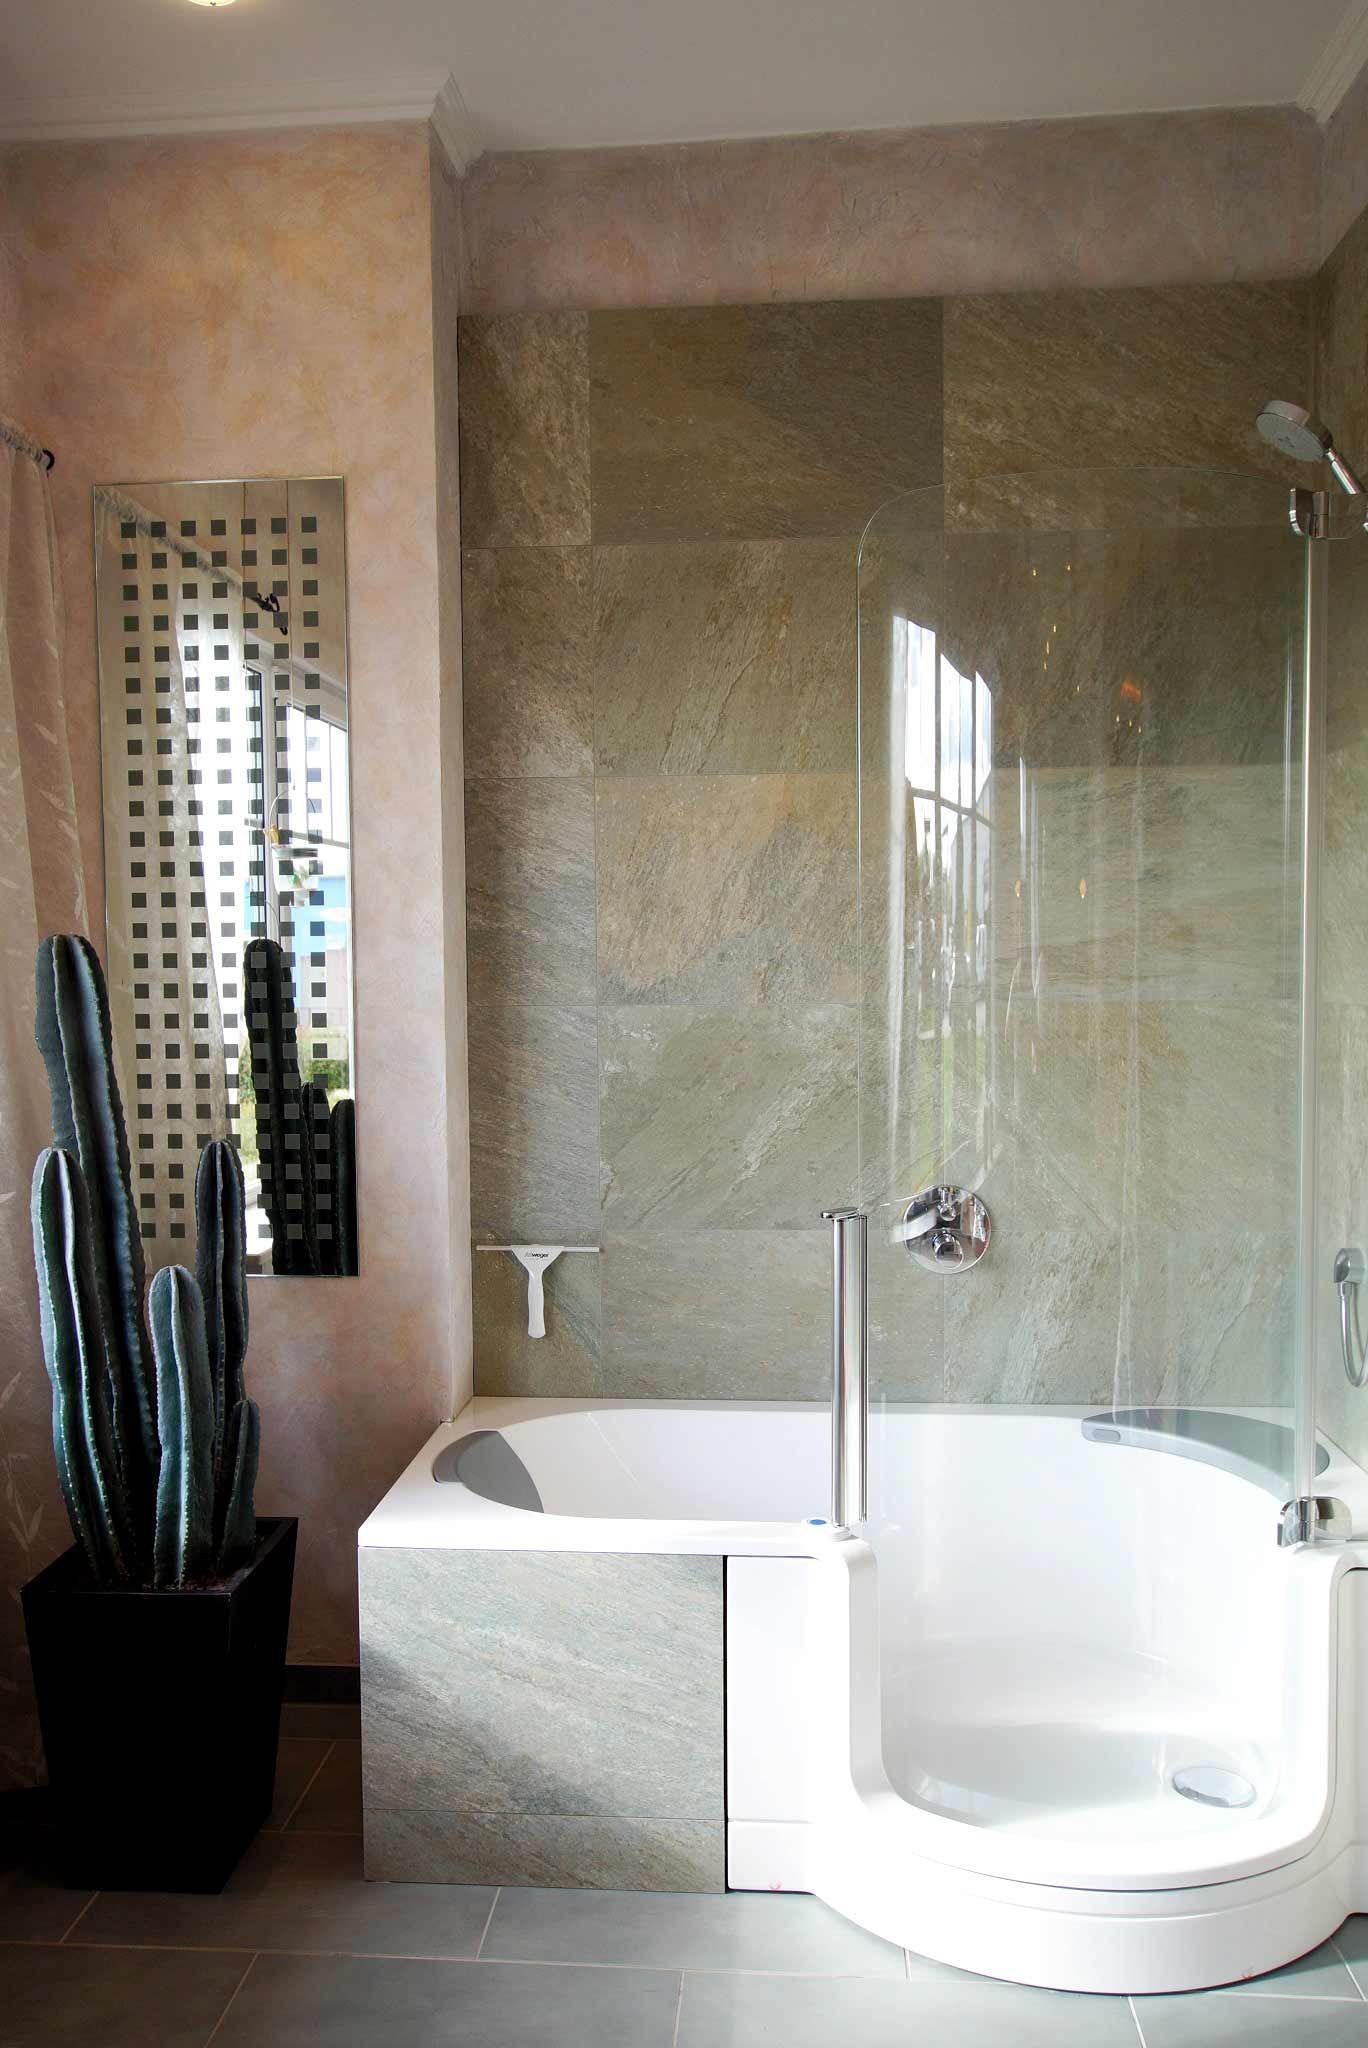 Badewanne Mit Dusche Die Losung Fur Kleine Bader Badewanne